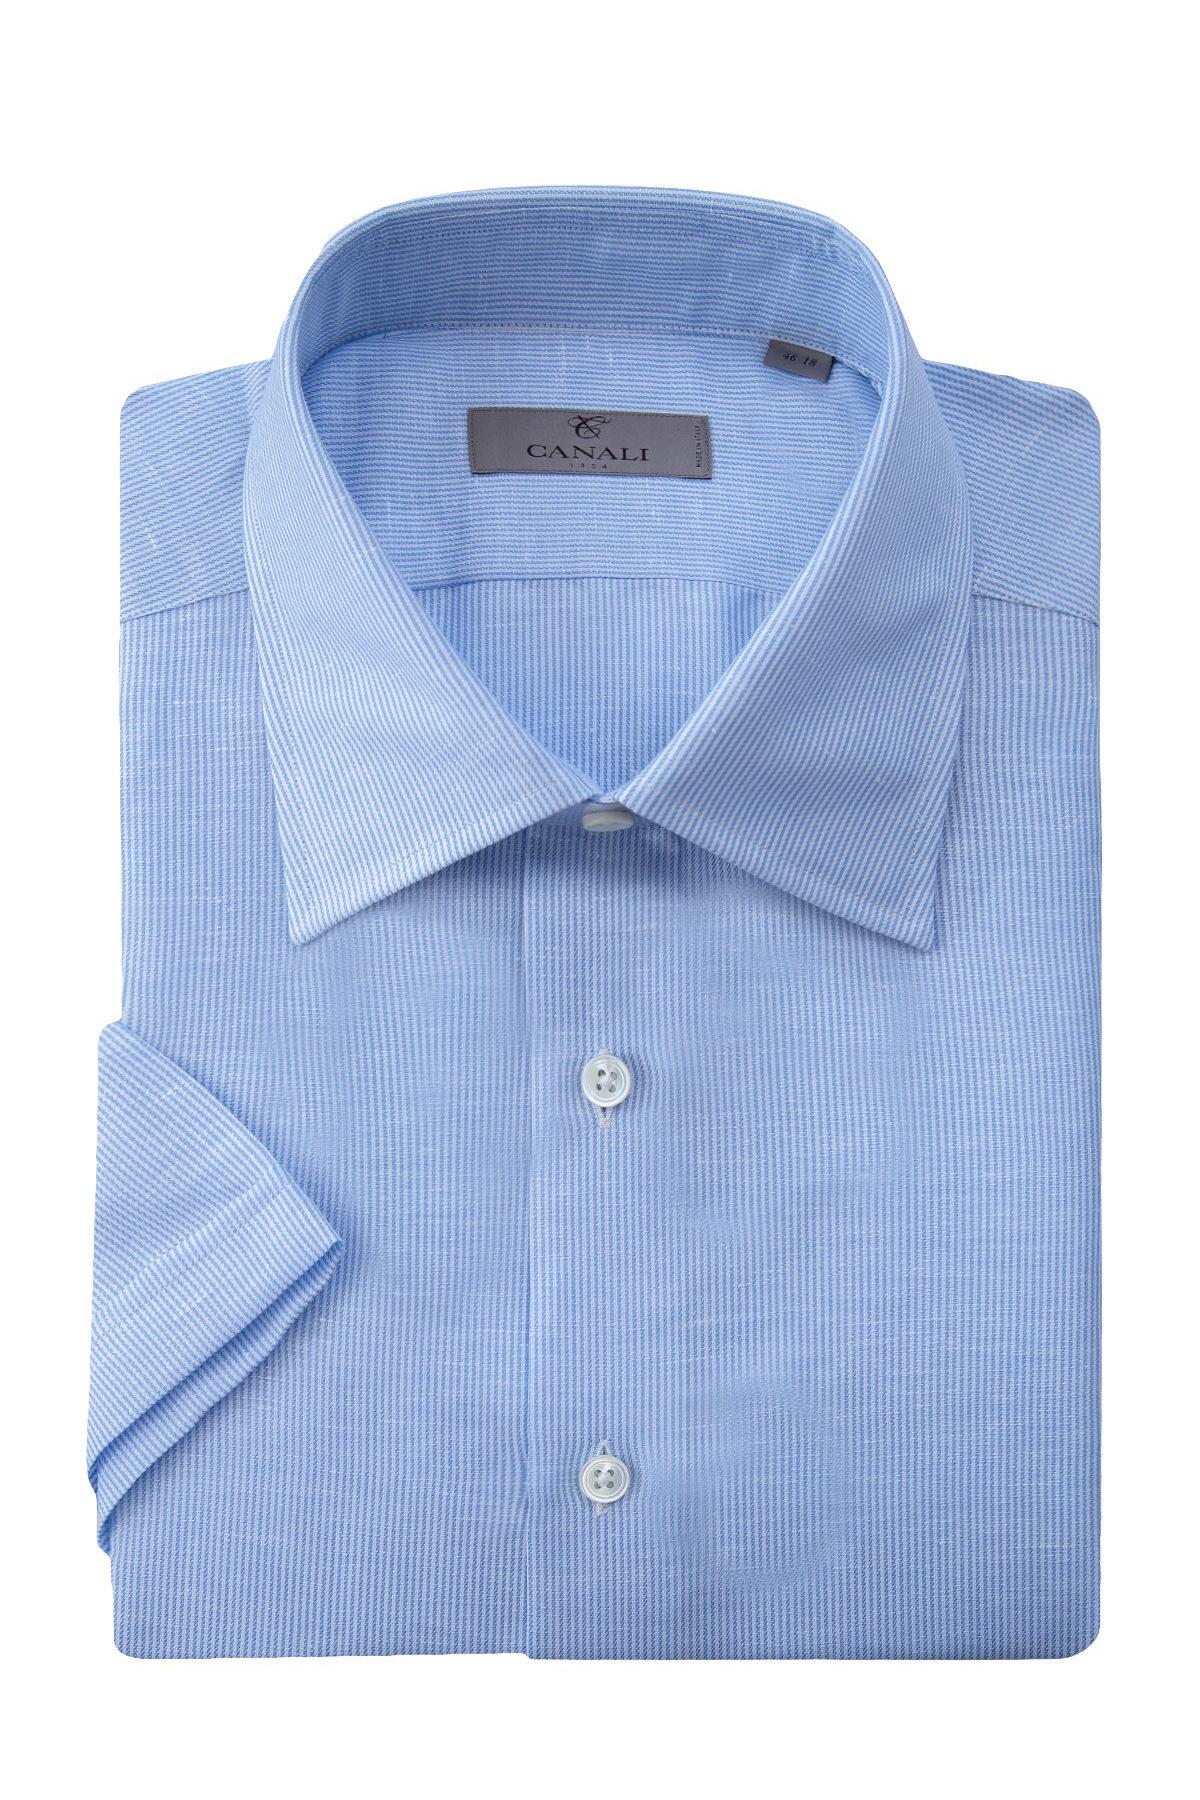 Купить Рубашка, CANALI, Италия, лен 61%, хлопок 39%